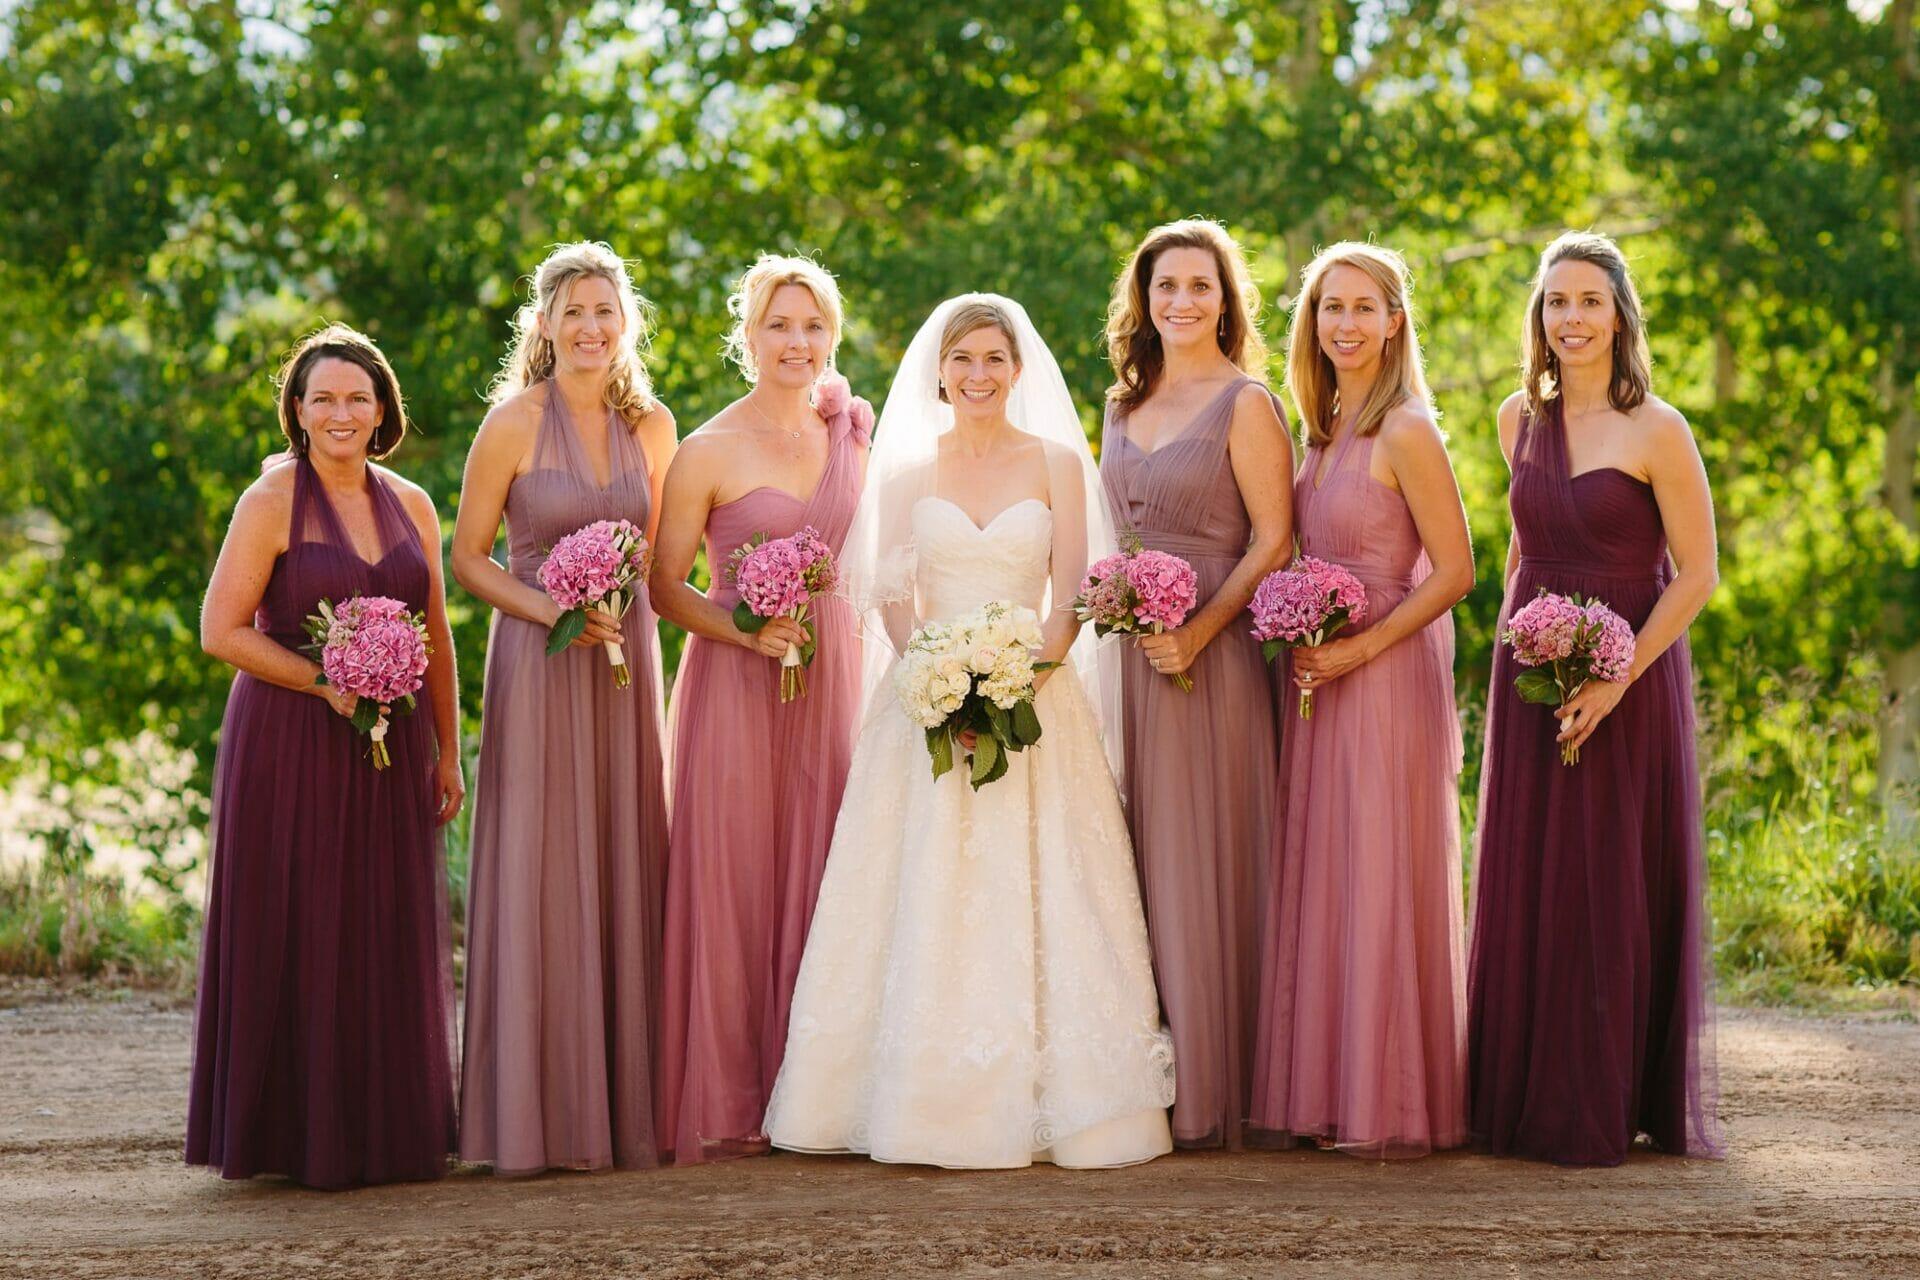 صور فساتين صديقات( أصحاب) العروسة جديدة